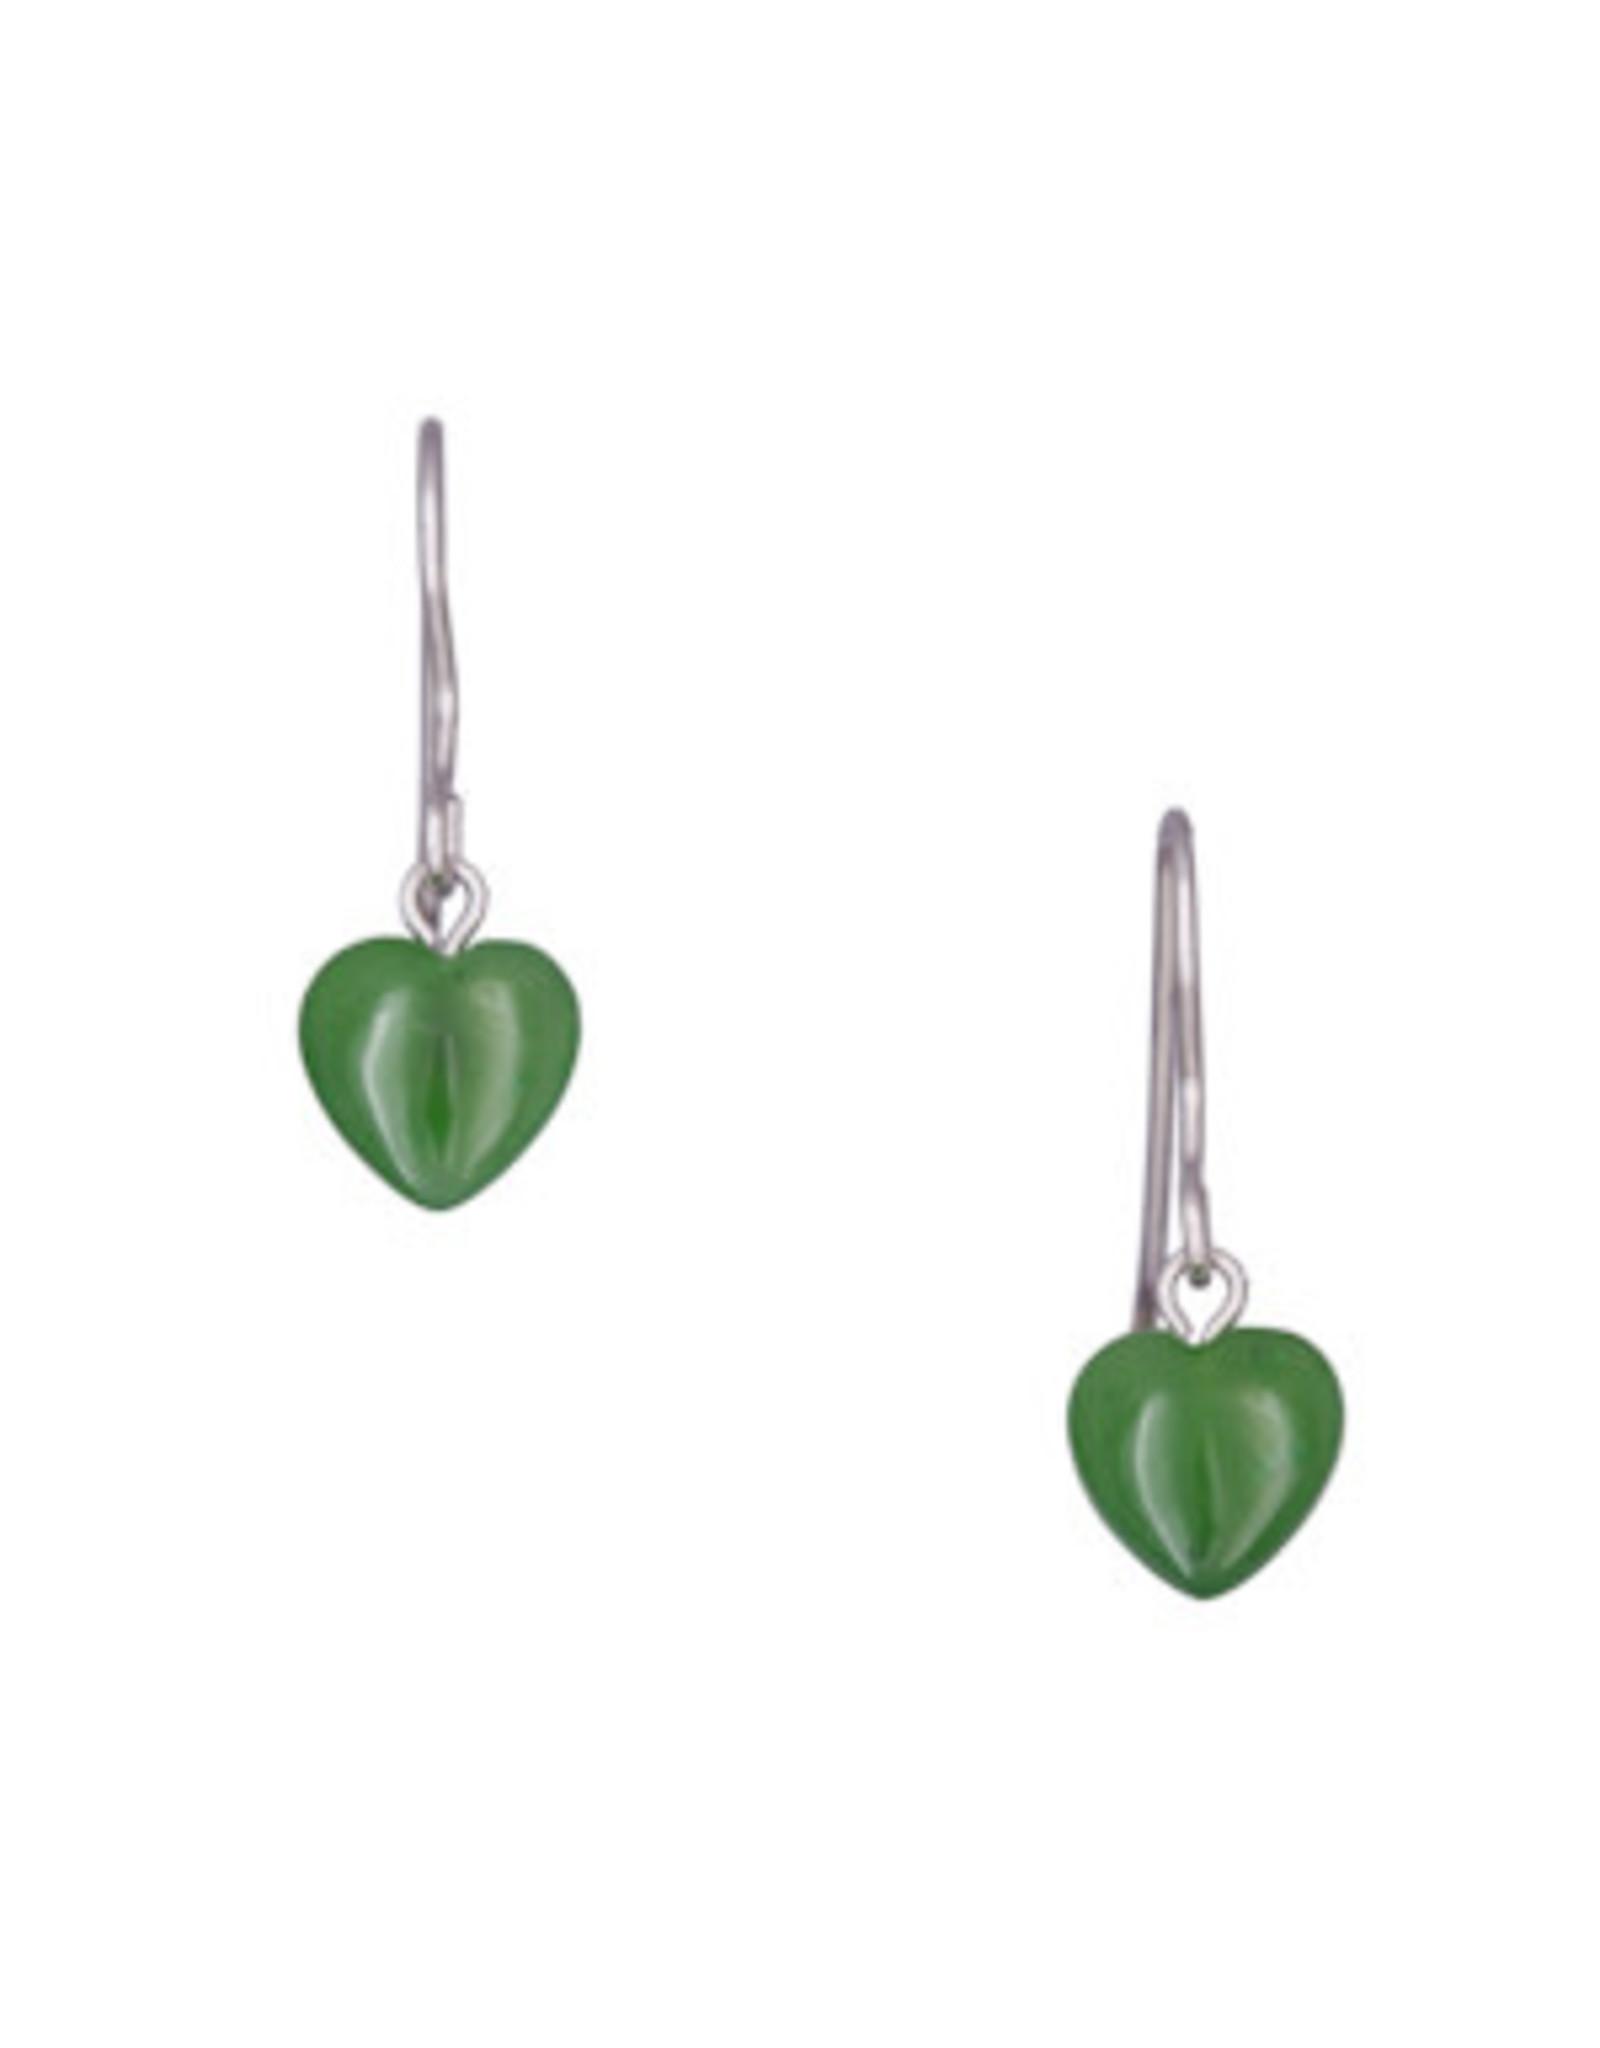 Jade Heart Earrings - JDS66